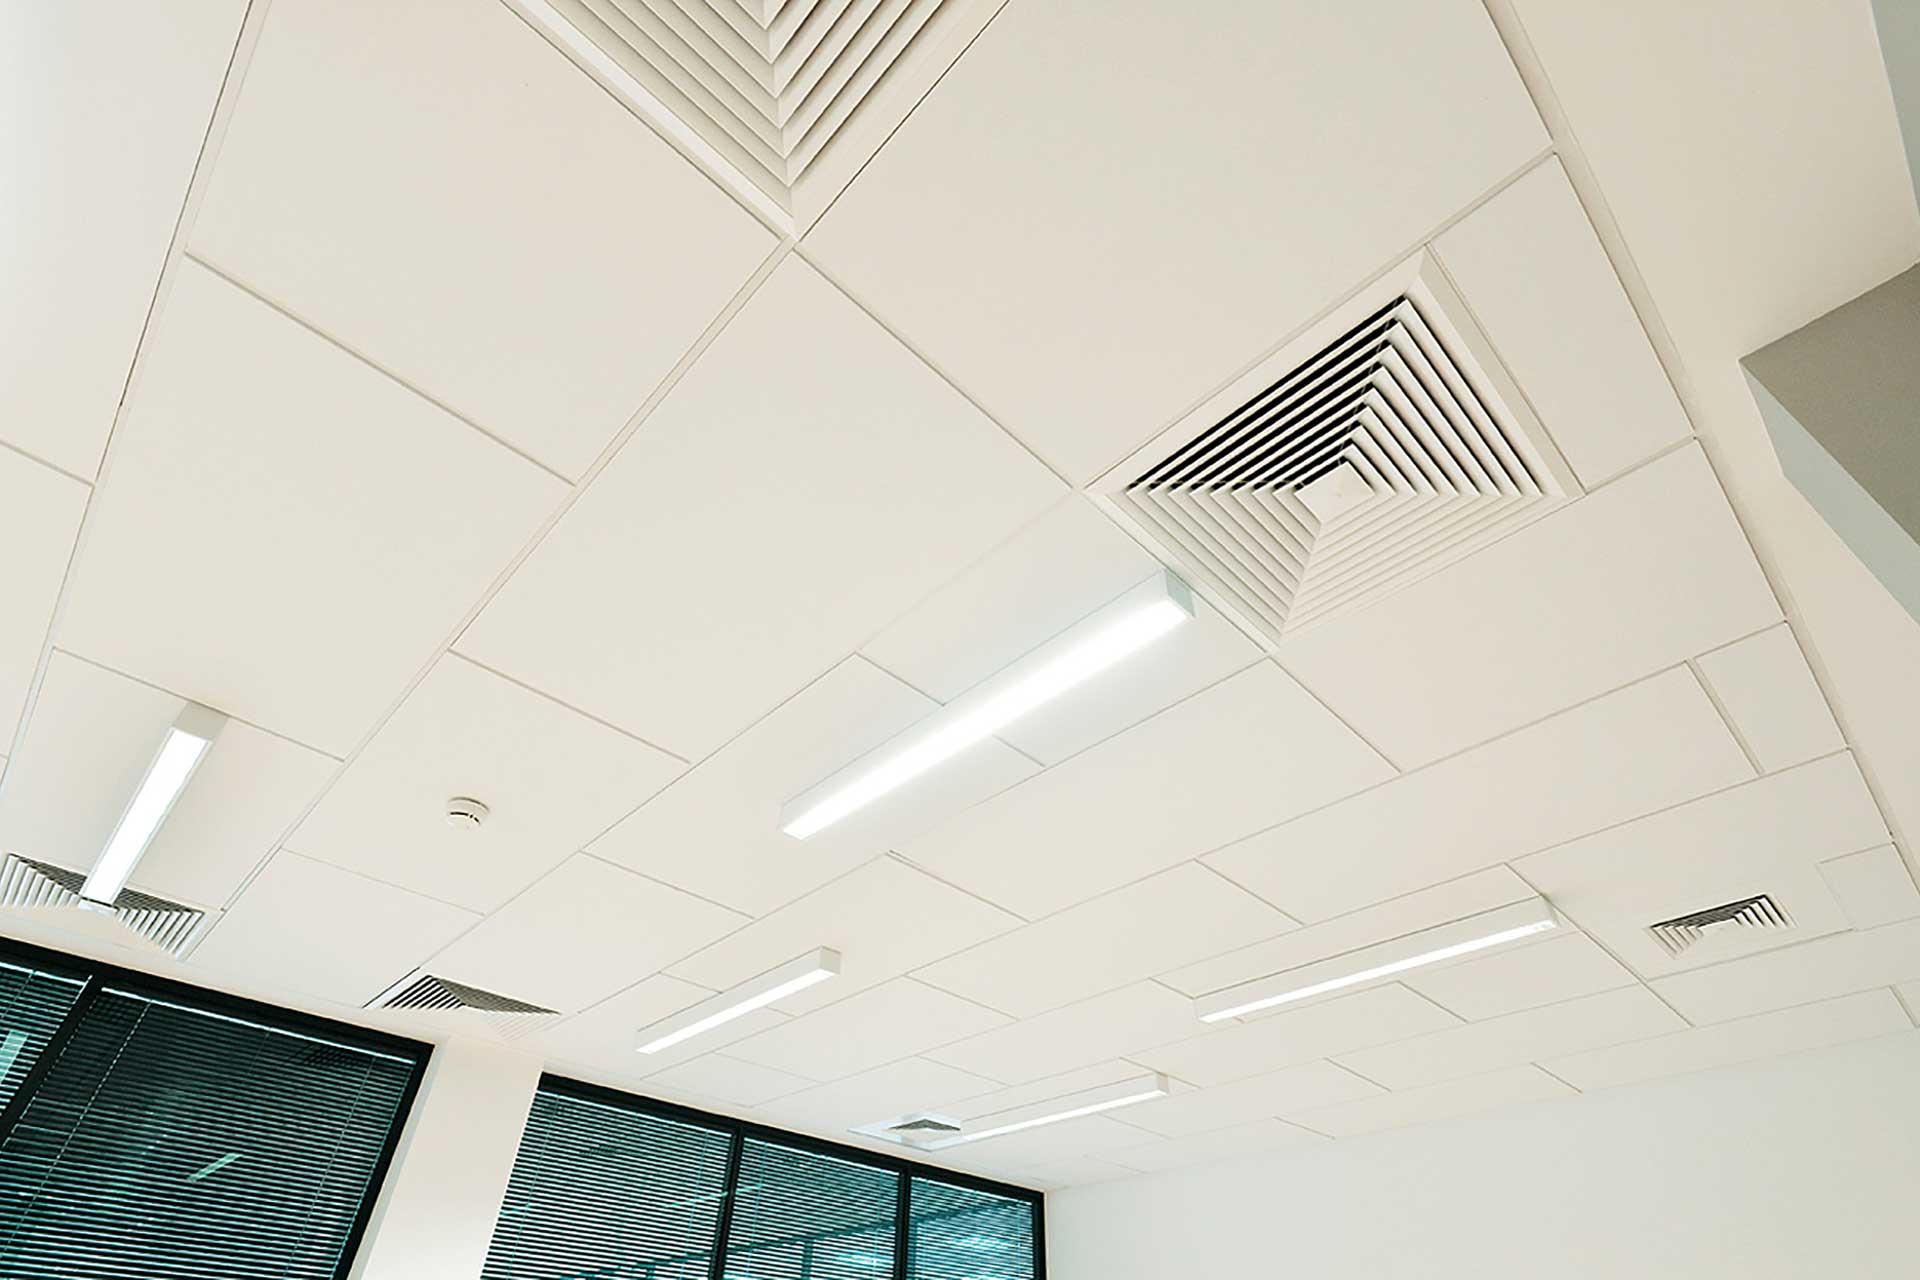 Plafonds suspendus démontables dalles métalliques bac démontable